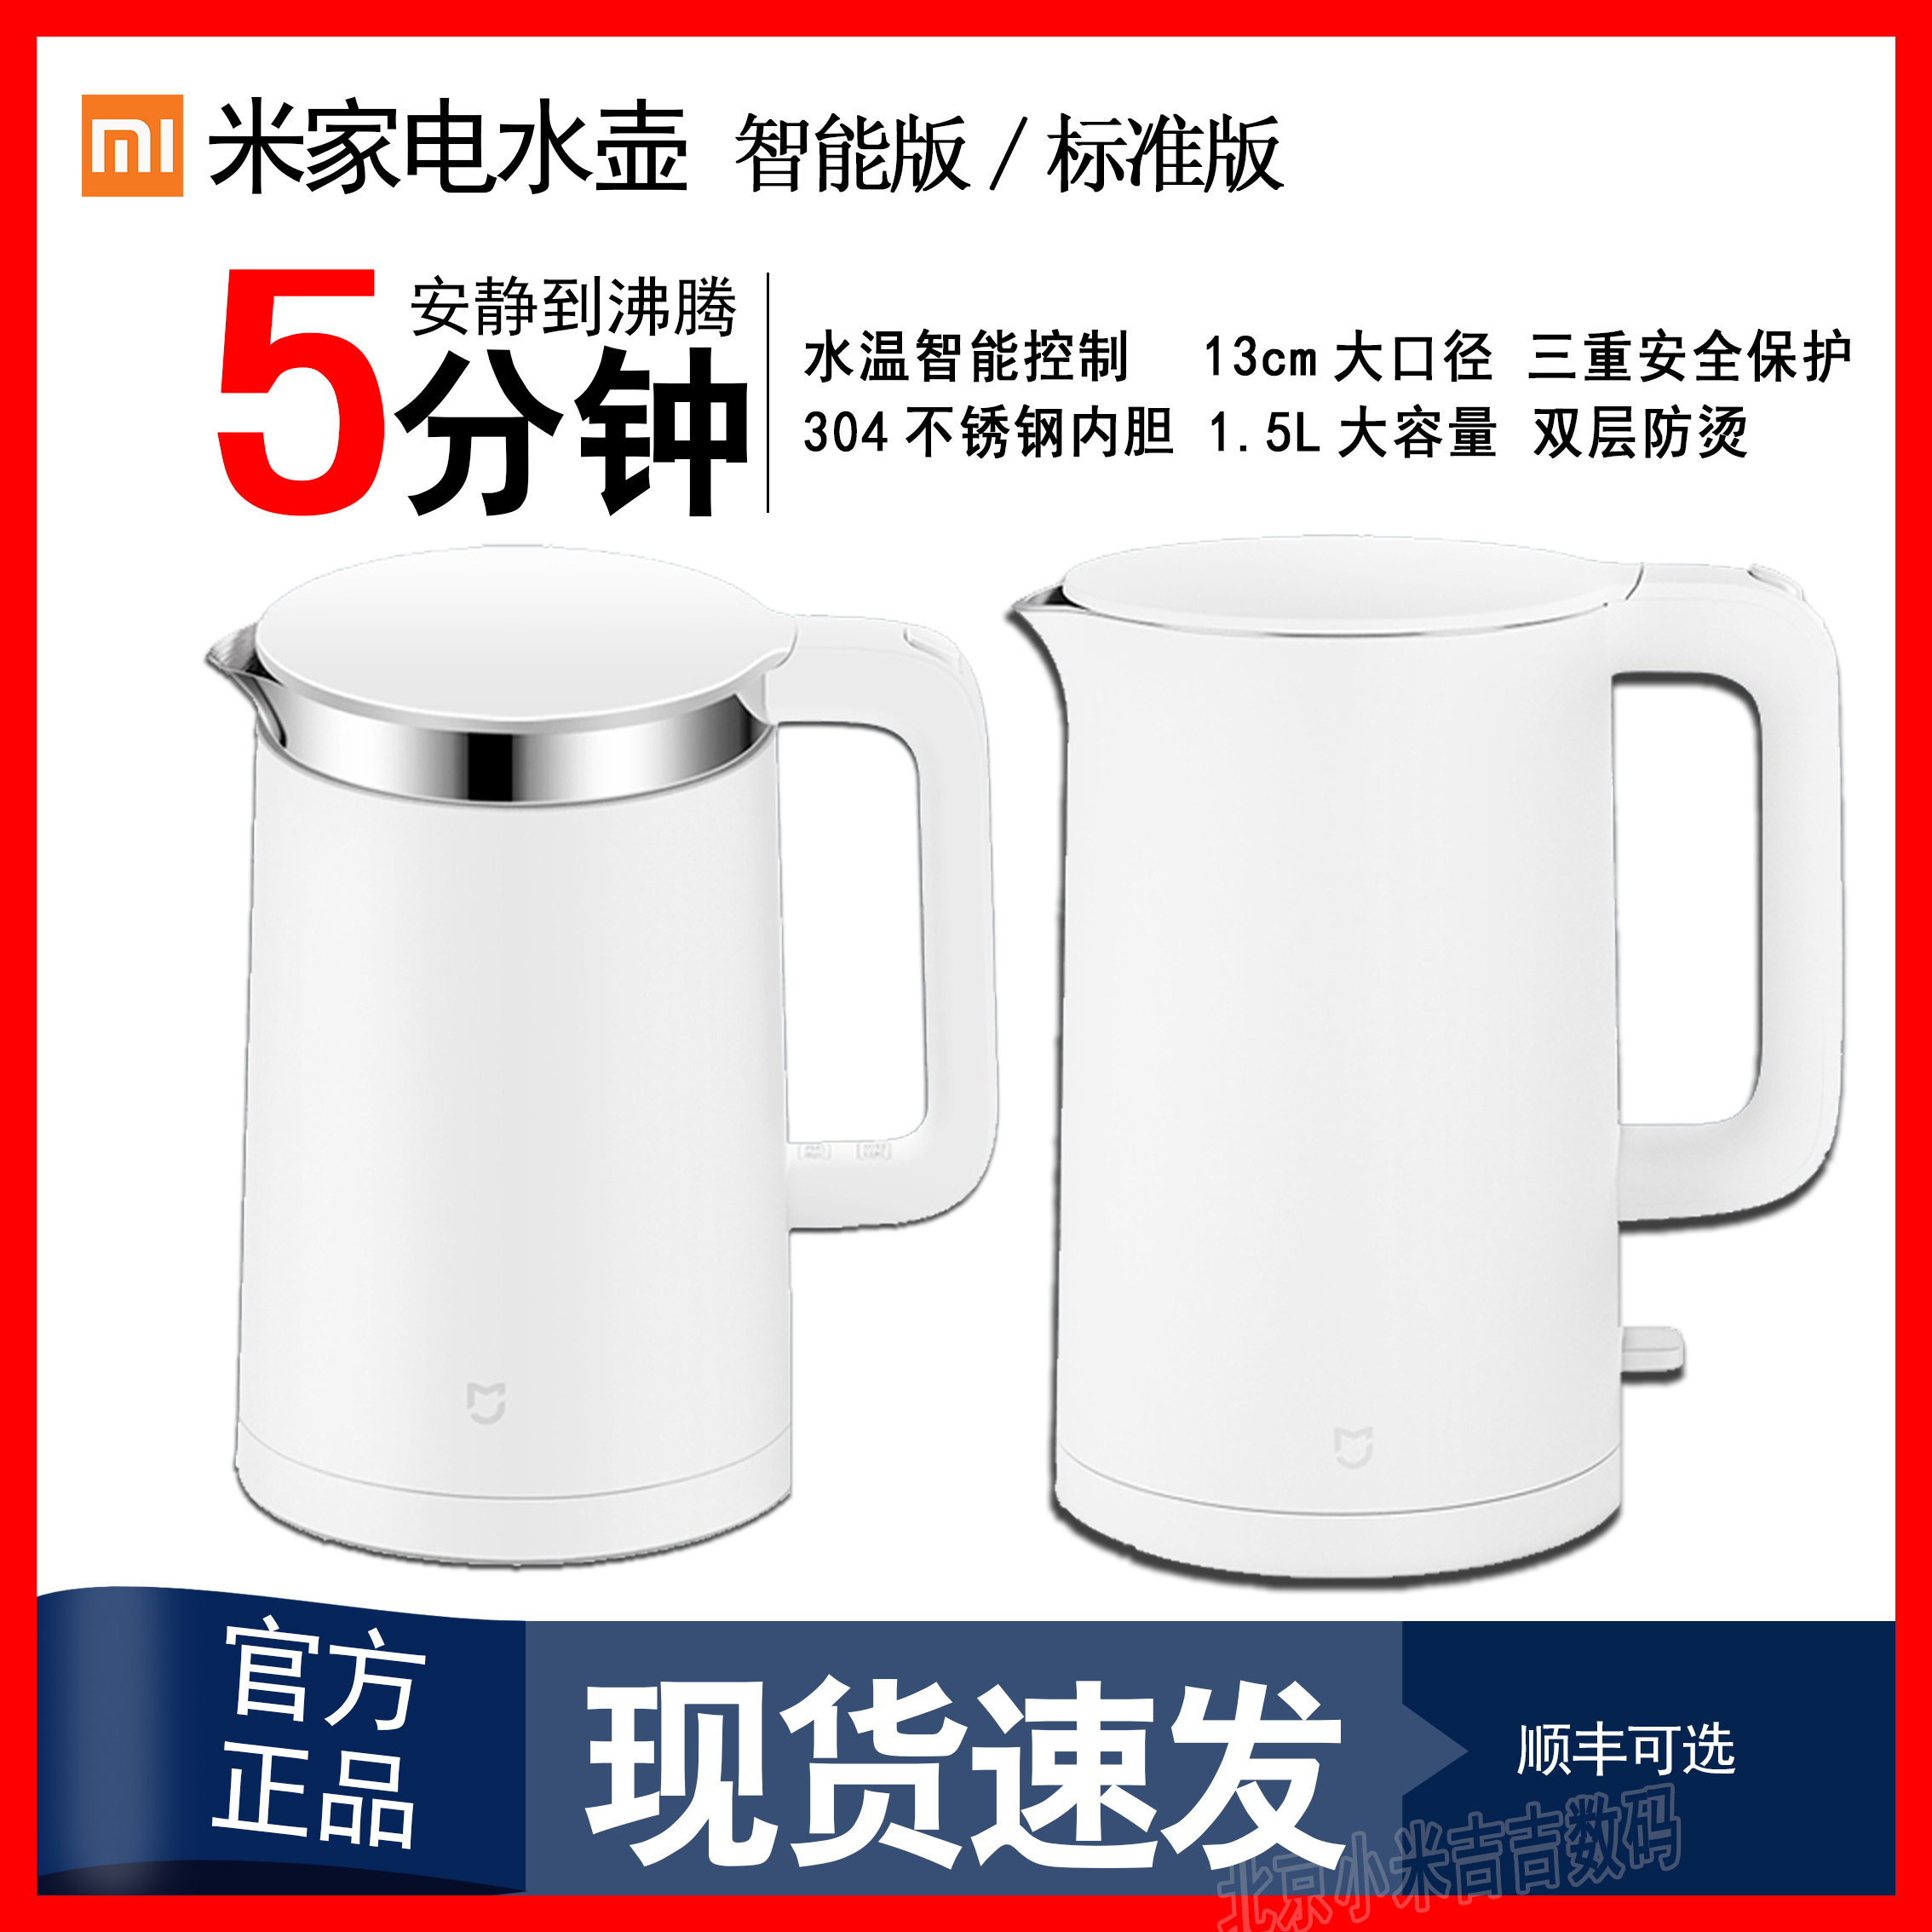 xiaomi /小米恒温不锈钢米家电水壶